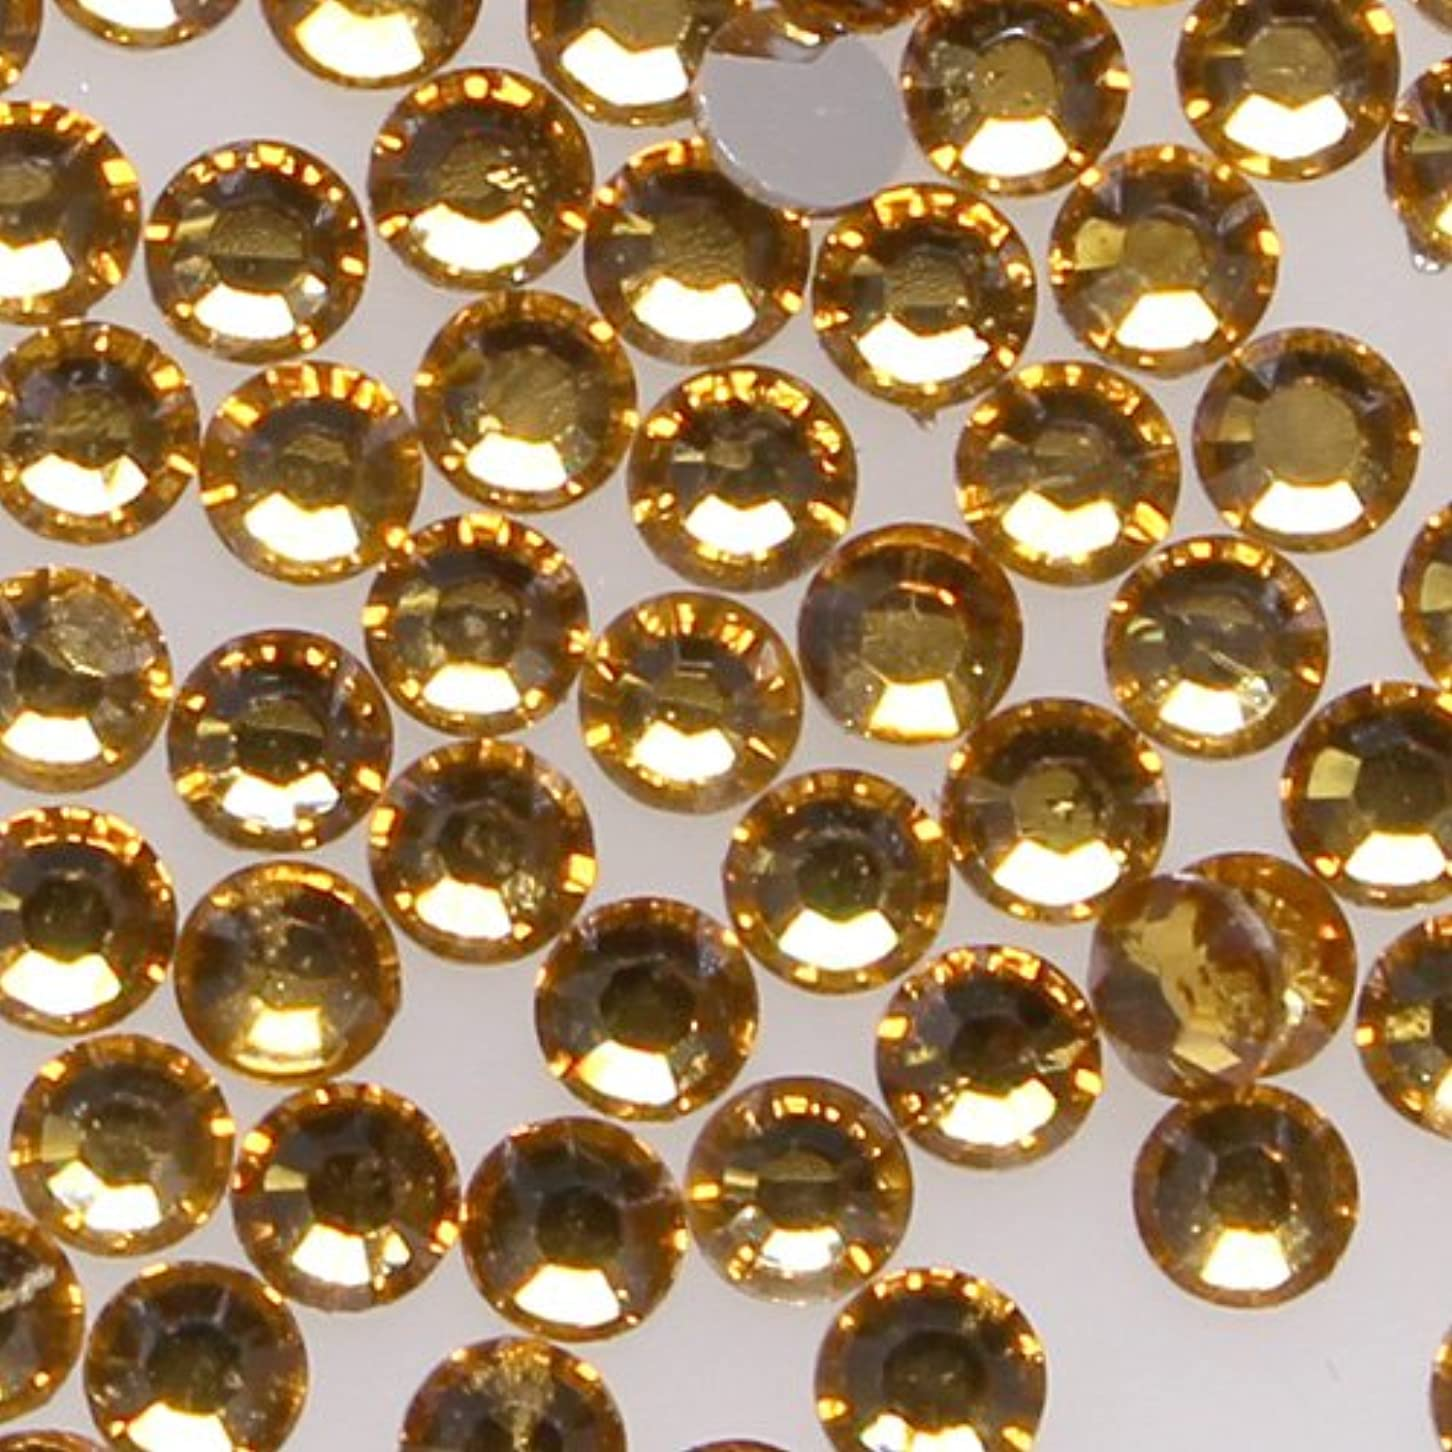 伝説ホステス一部高品質 アクリルストーン ラインストーン ラウンドフラット 約1000粒入り 4mm トパーズ